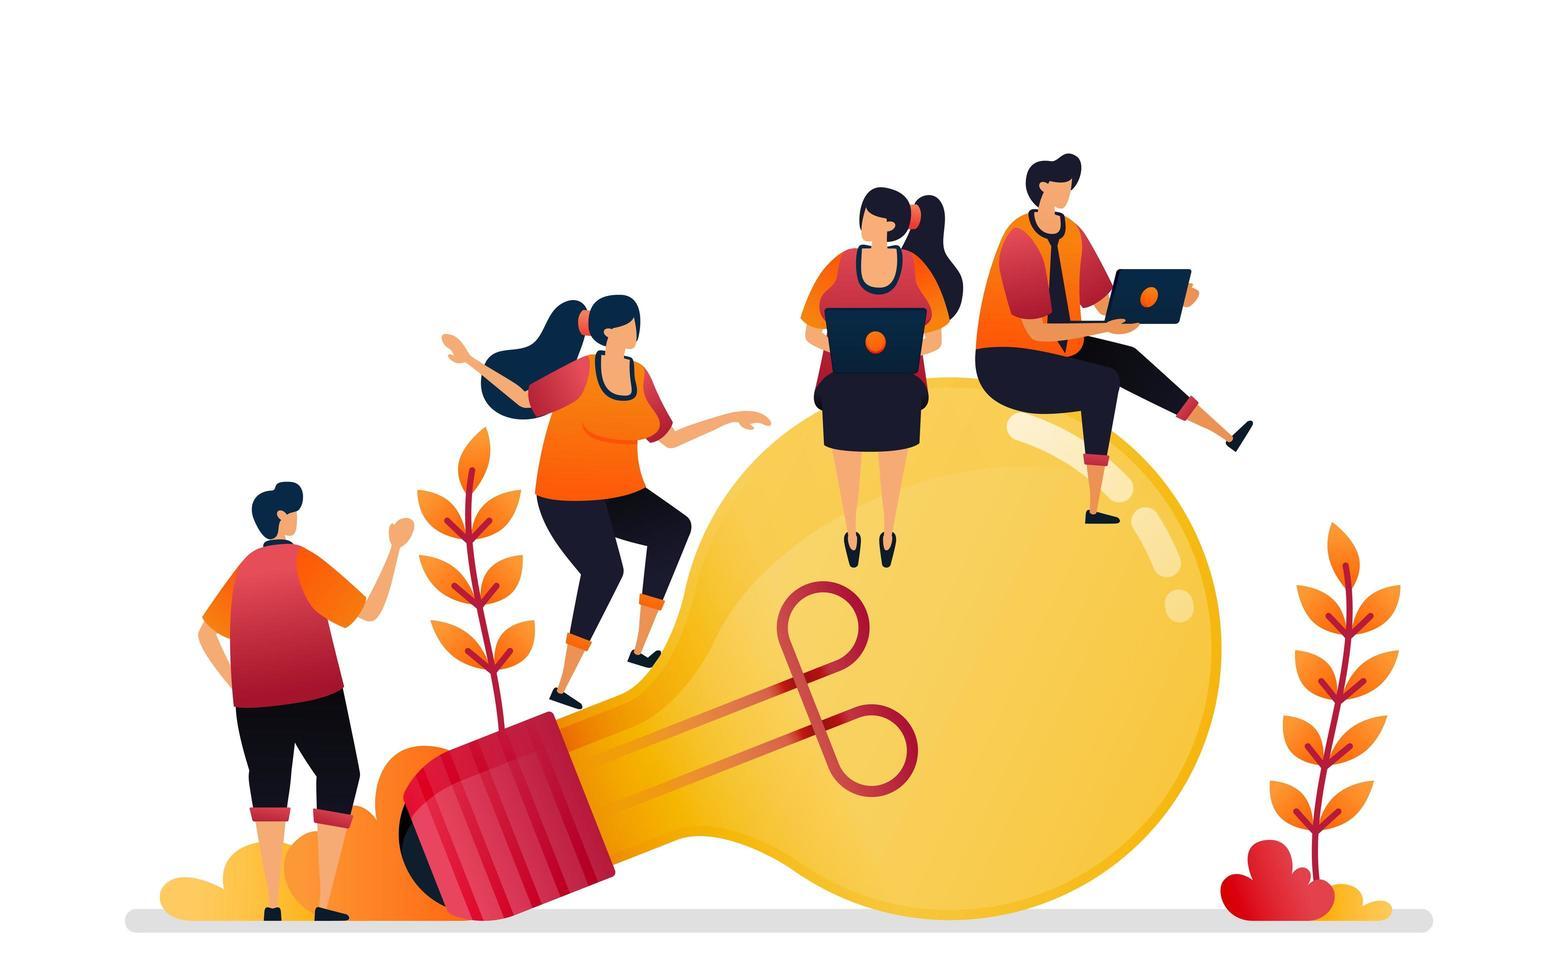 ilustración vectorial de idea e inspiración, buscando resolución de problemas con lluvia de ideas y conocimiento. diseño gráfico para página de destino, web, sitio web, aplicaciones móviles, banner, plantilla, póster, volante vector